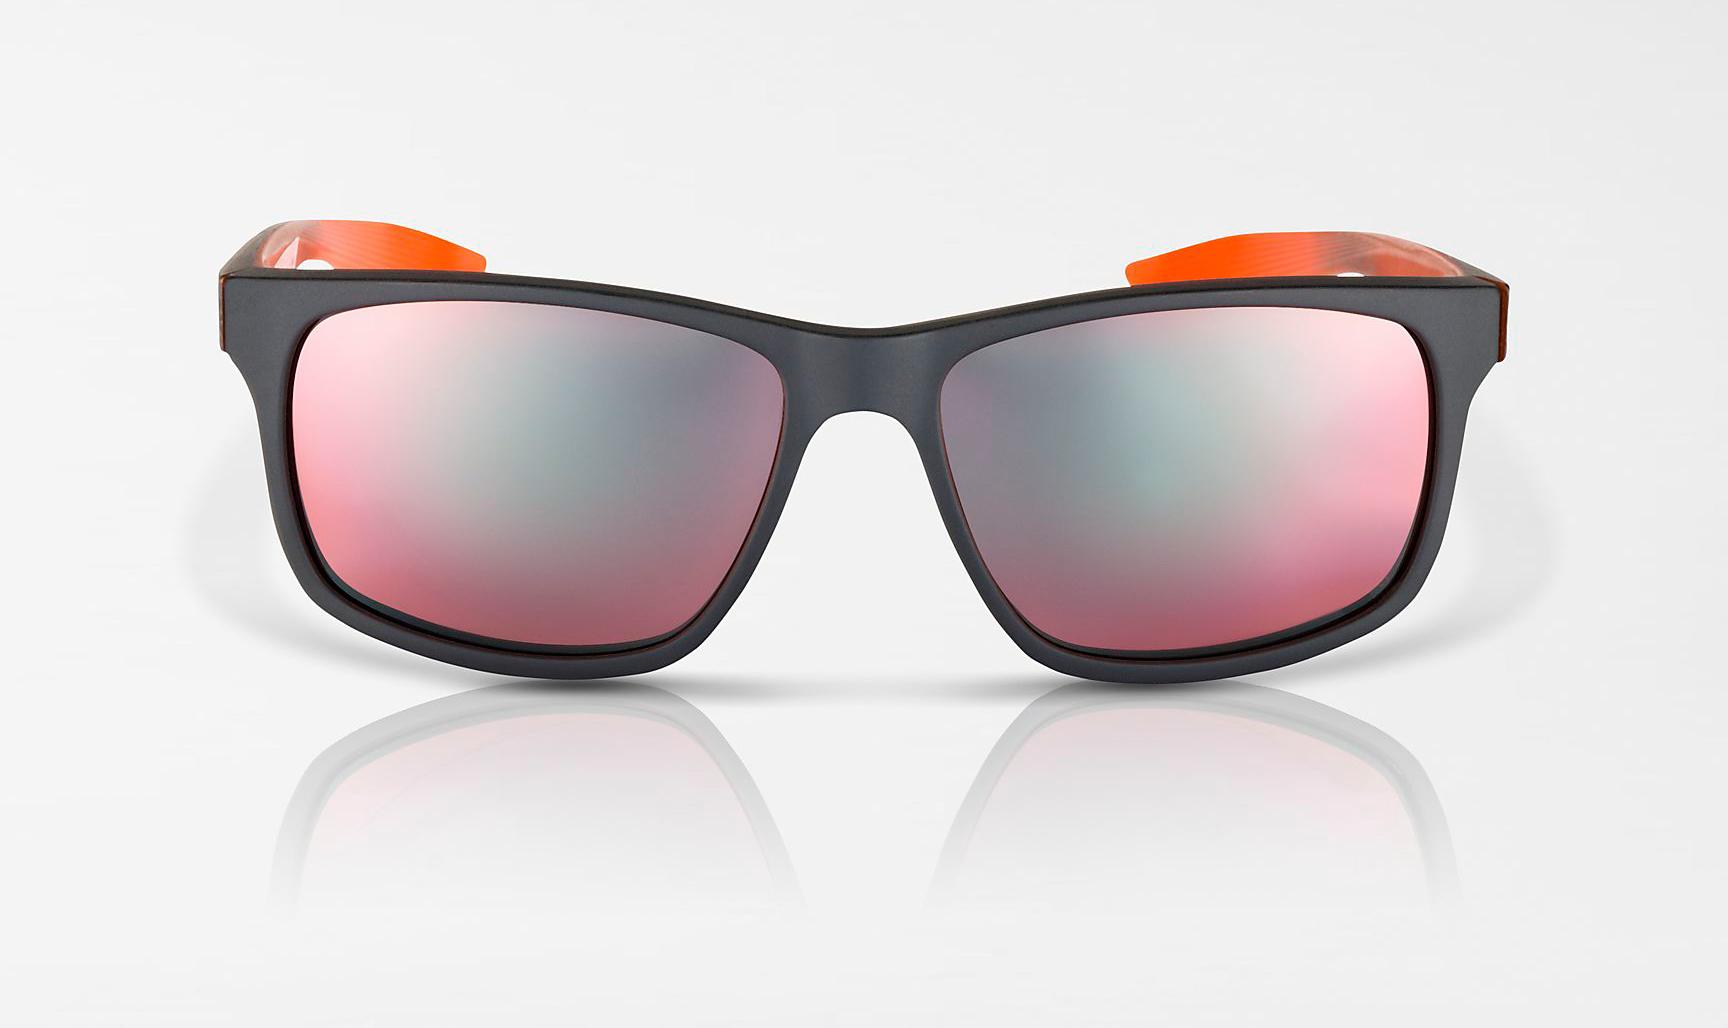 nike-air-max-97-south-beach-sunglasses-match-2